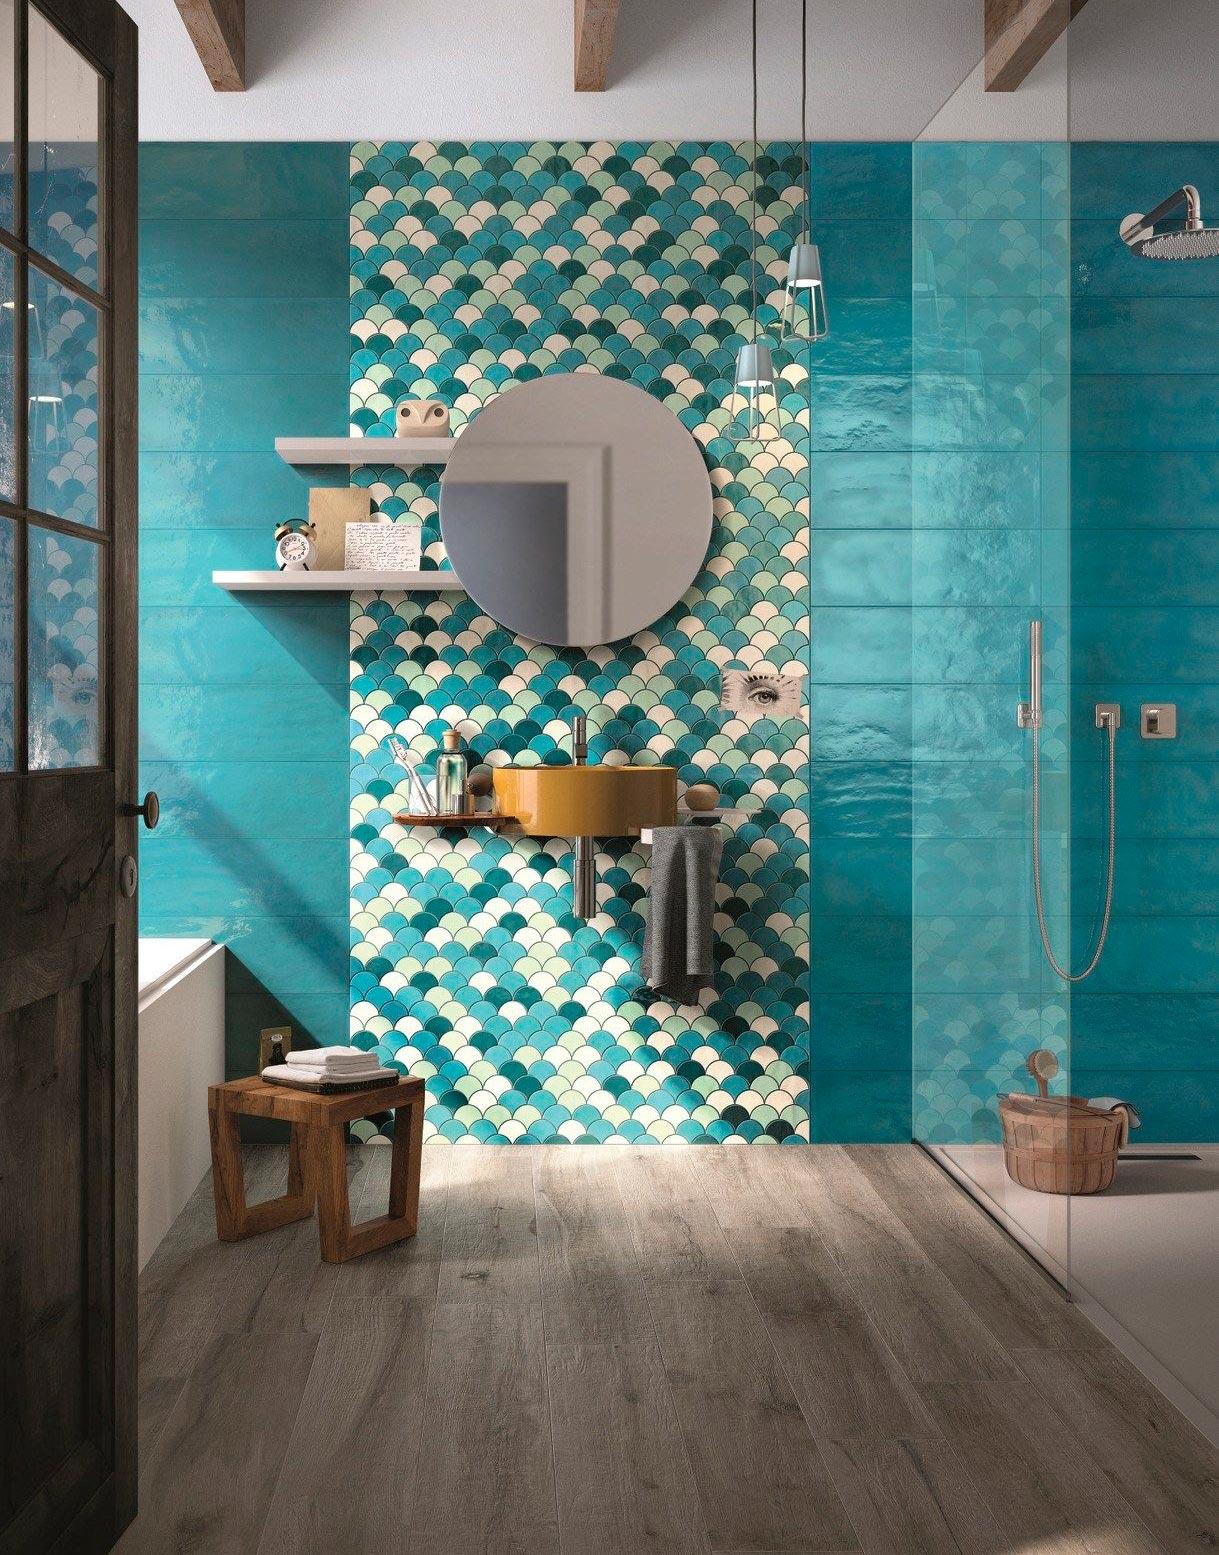 Другие варианты дизайна панно в ванной